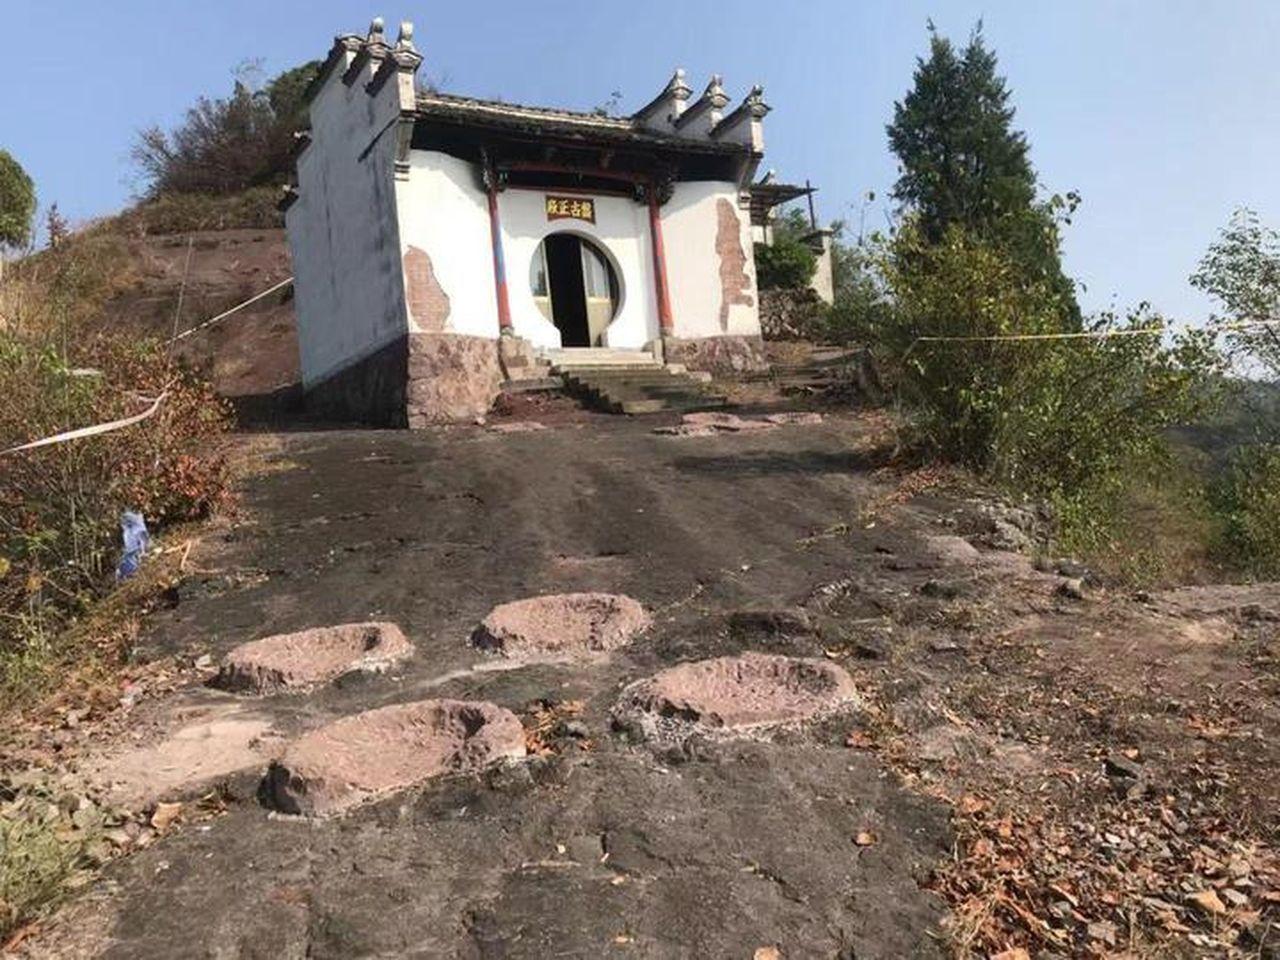 浙江山村發現一億年前恐龍腳印,可惜被村民填了。 (取材自錢江晚報)